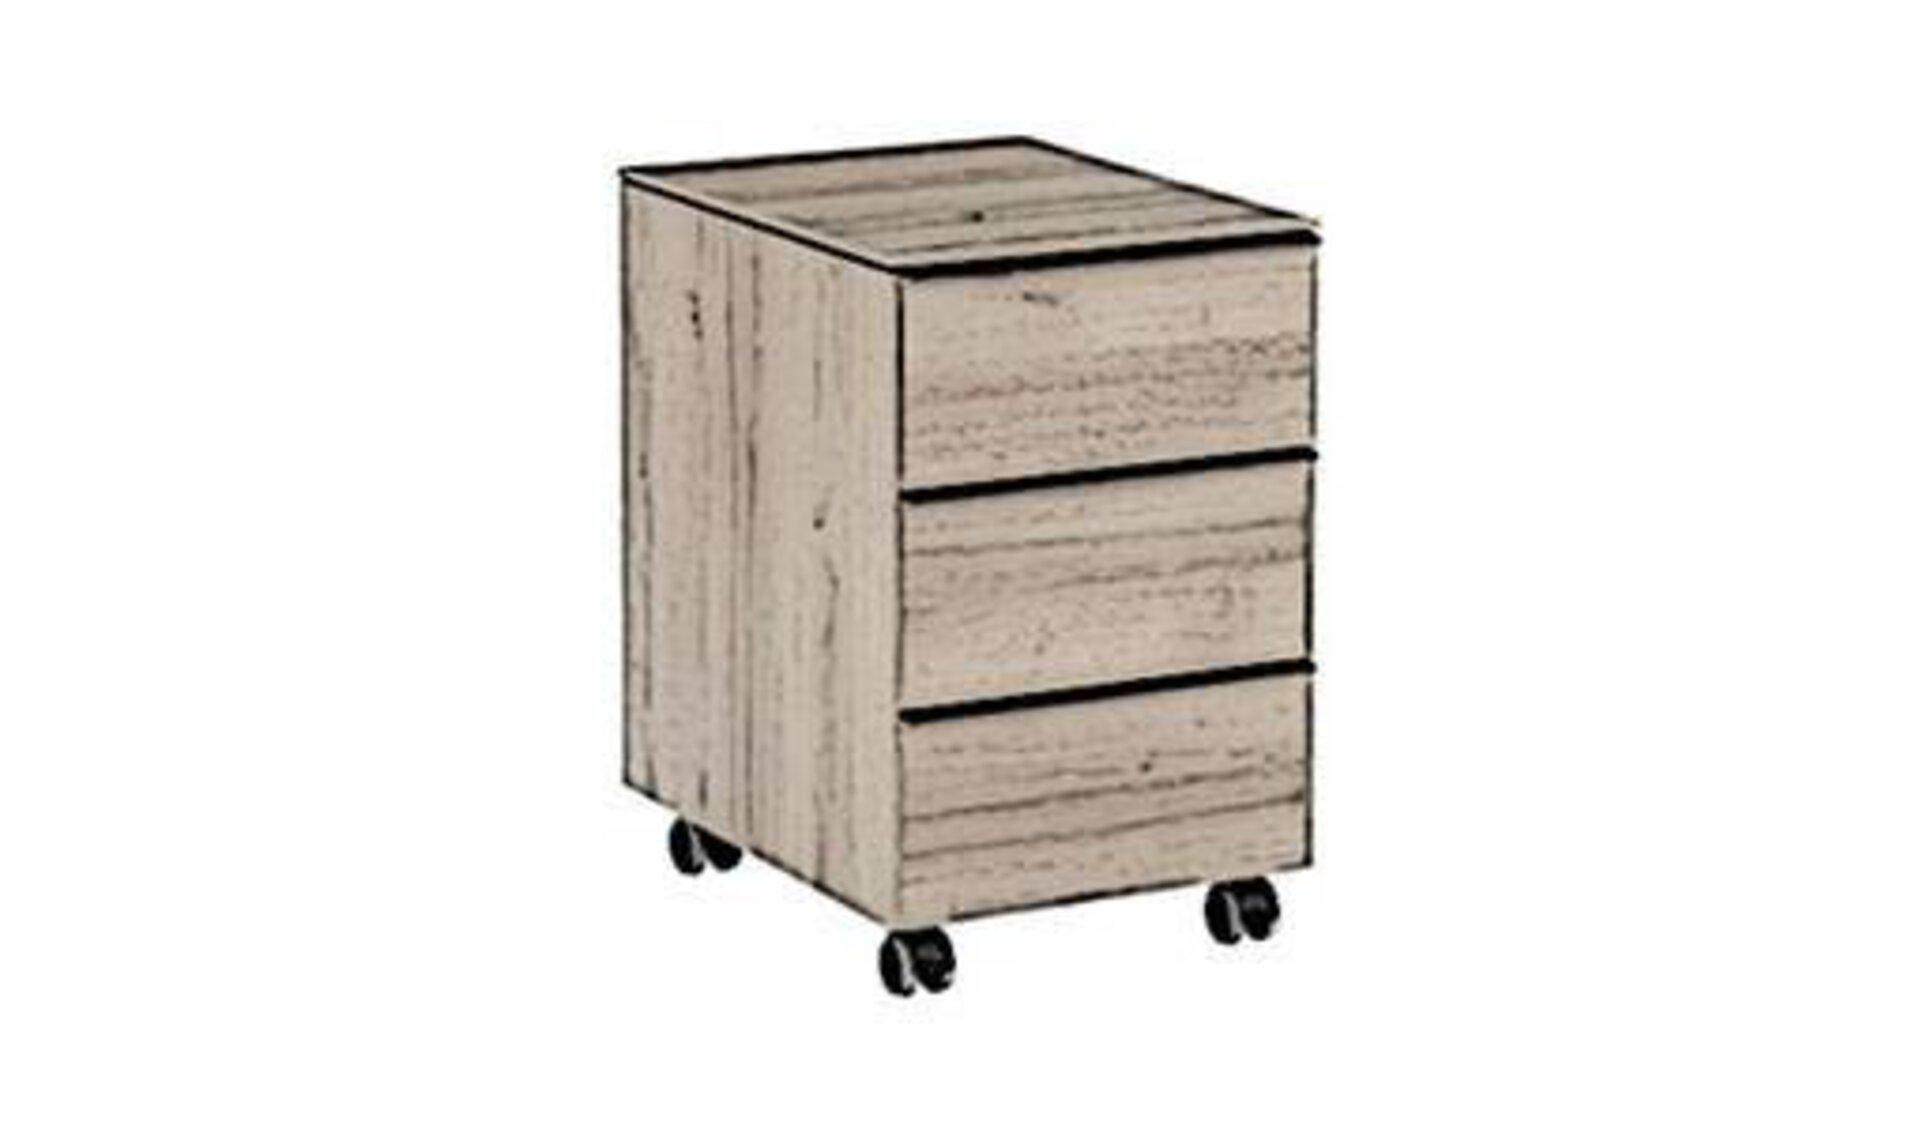 Stilisierter Bürocontainer aus Holz steht sinnbildlich für das praktische Aufbewahrungssystem innerhalb eines Arbeitszimmers..